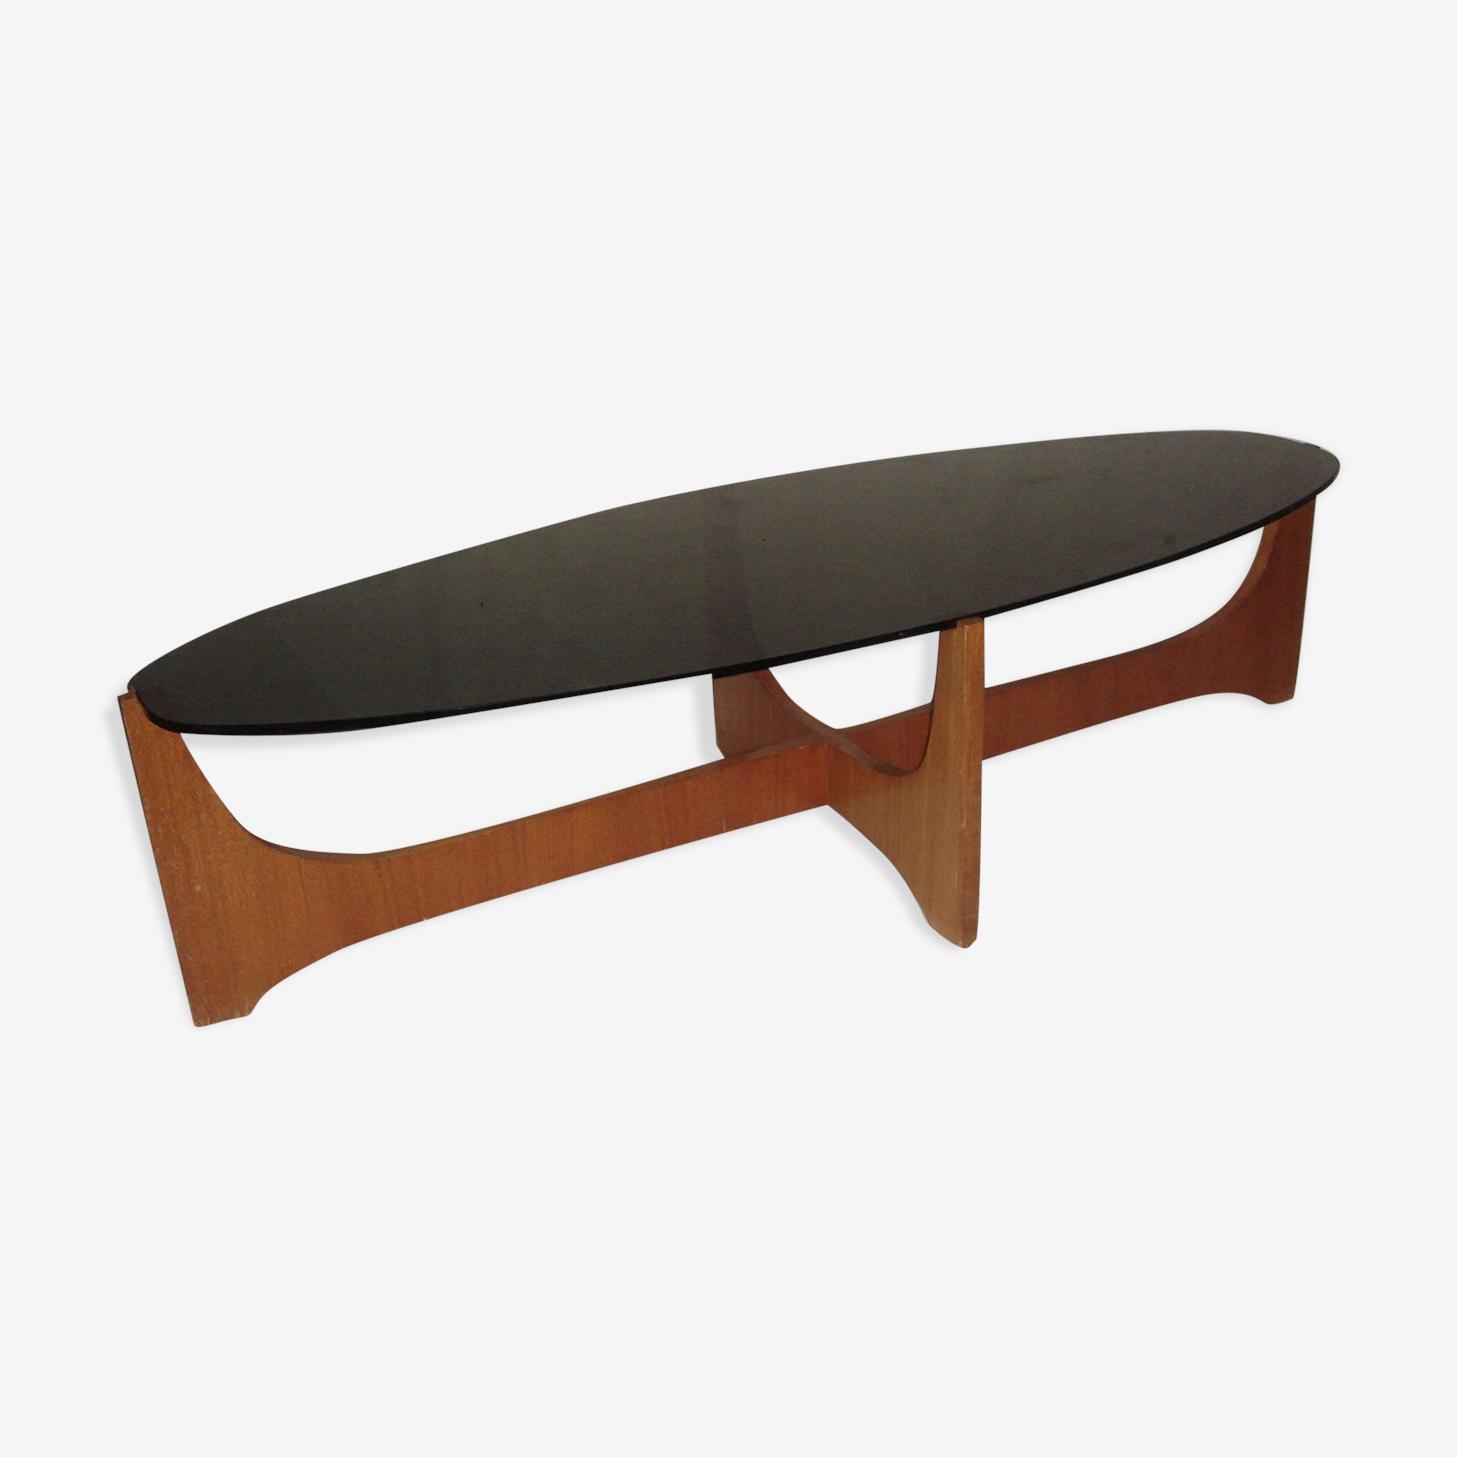 Table astro scandinave en bois et verre fumé de 1960-70